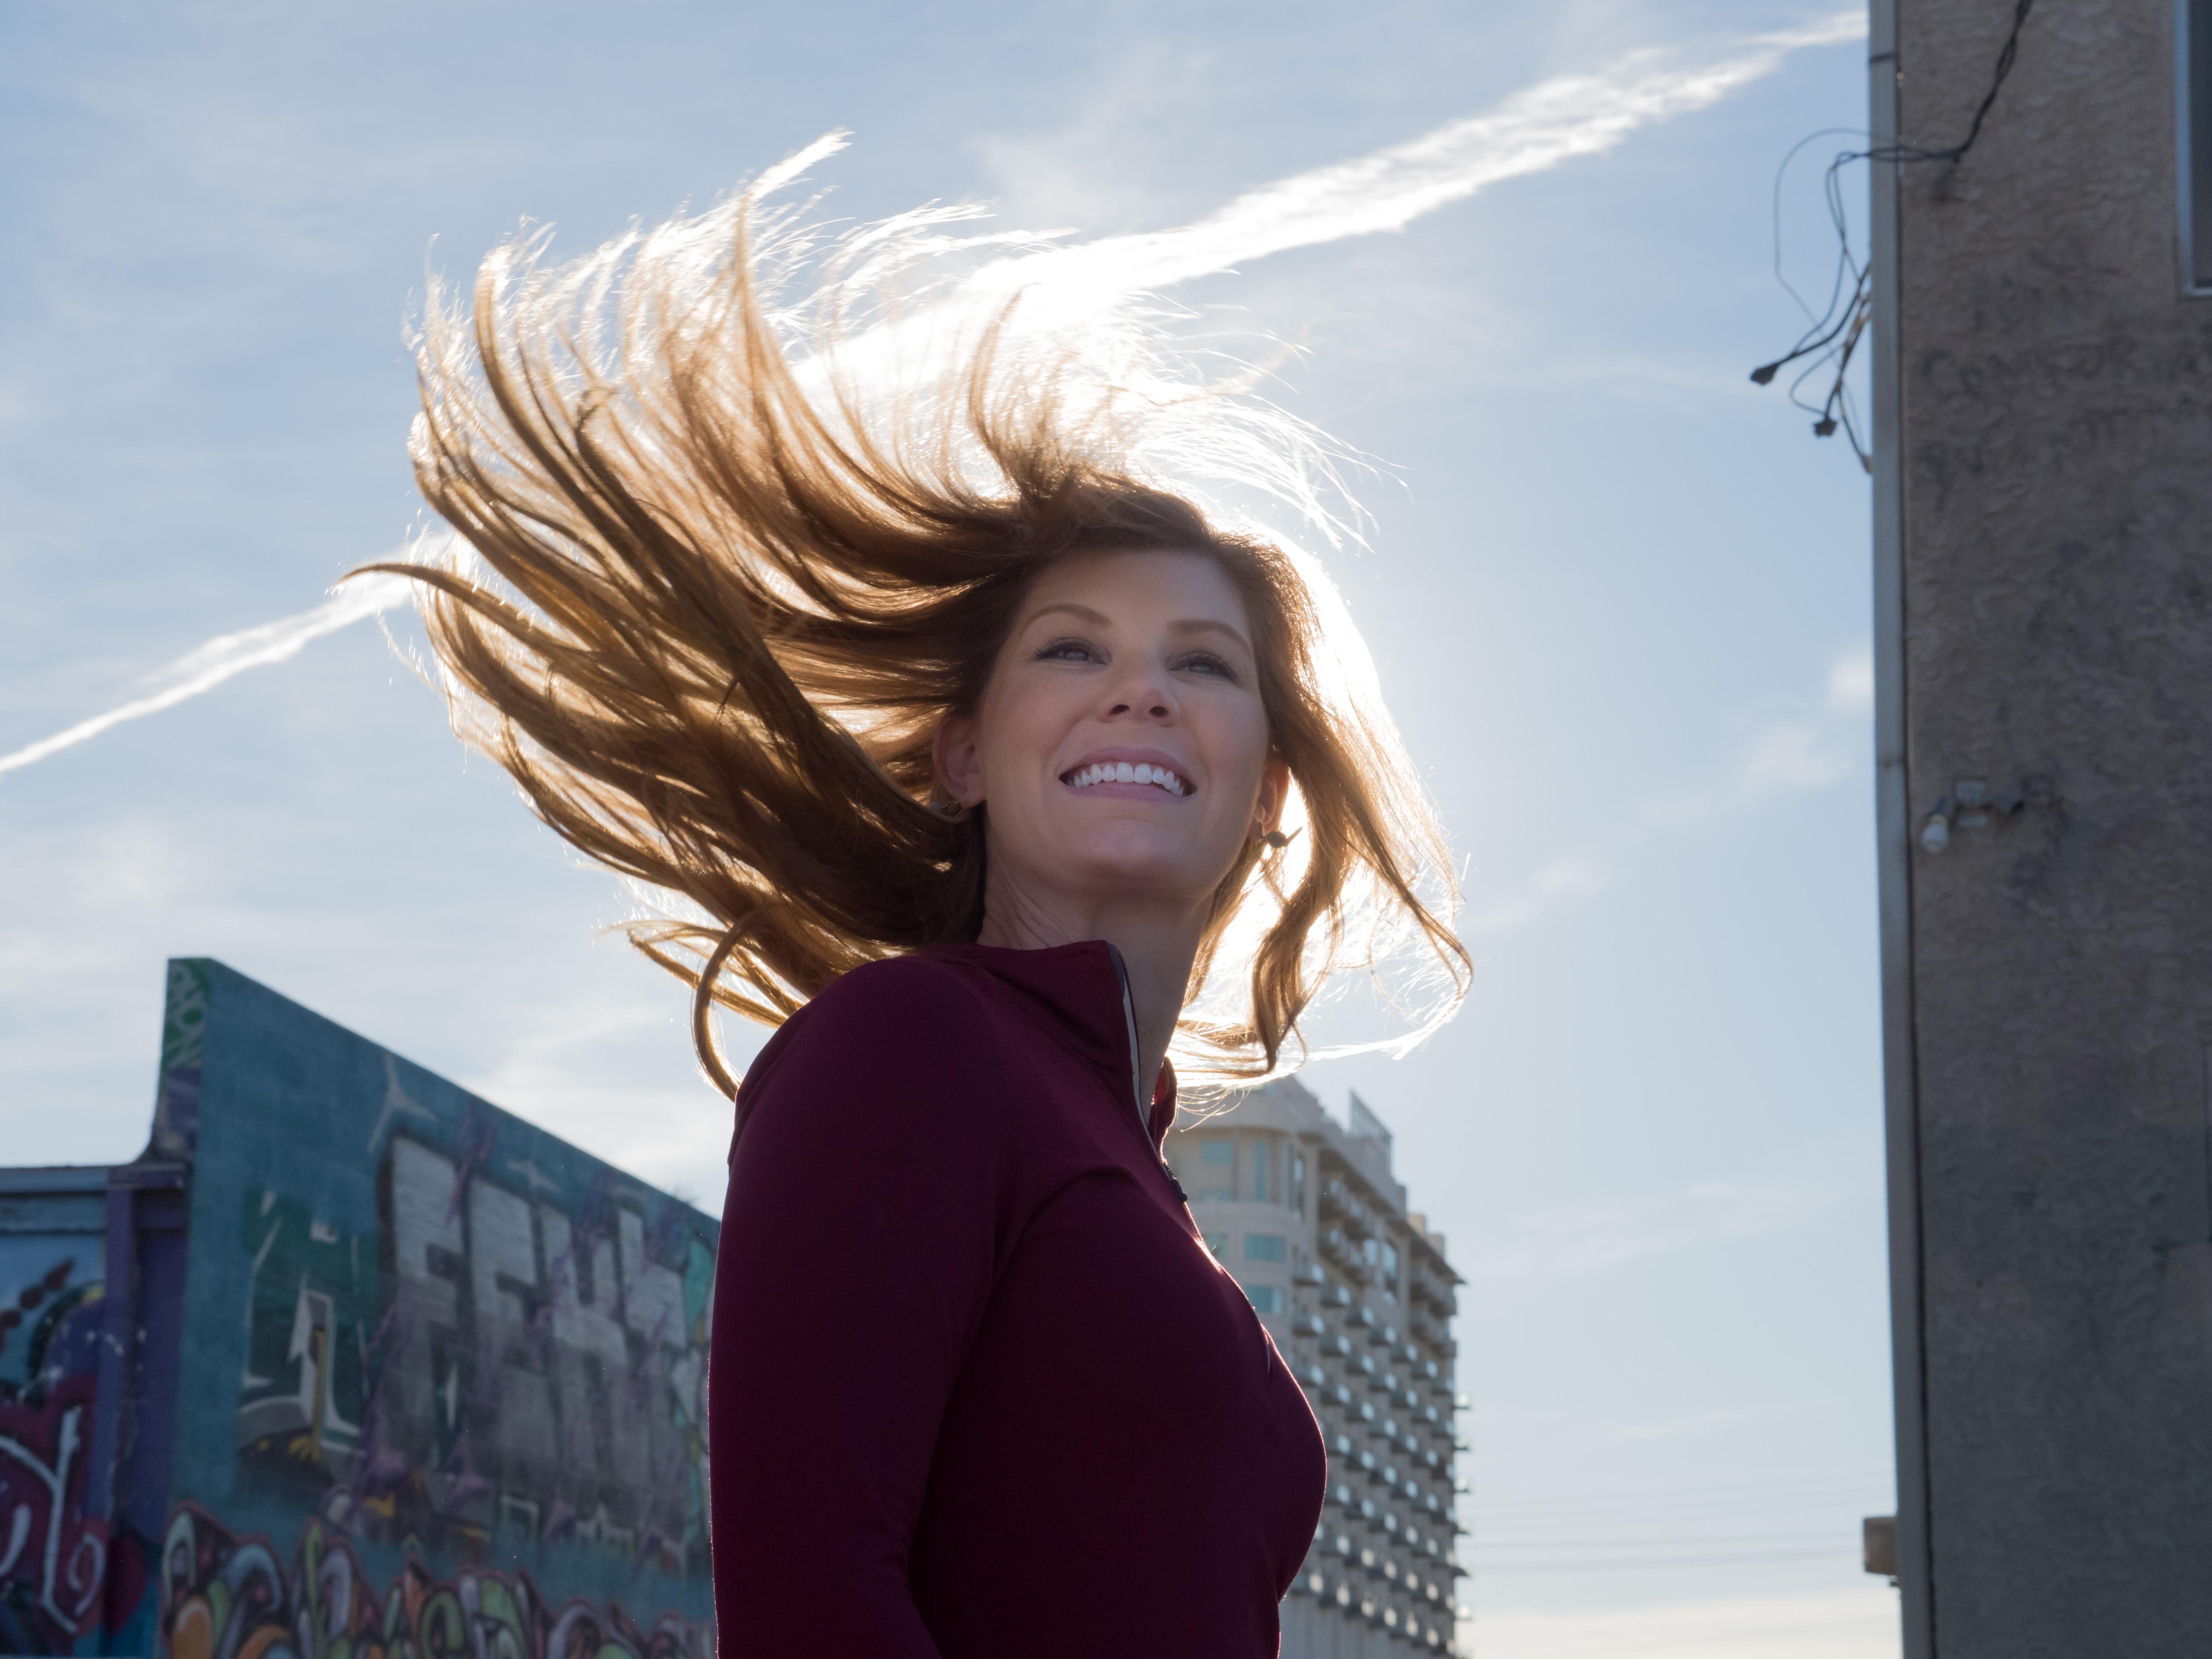 Hair flip!